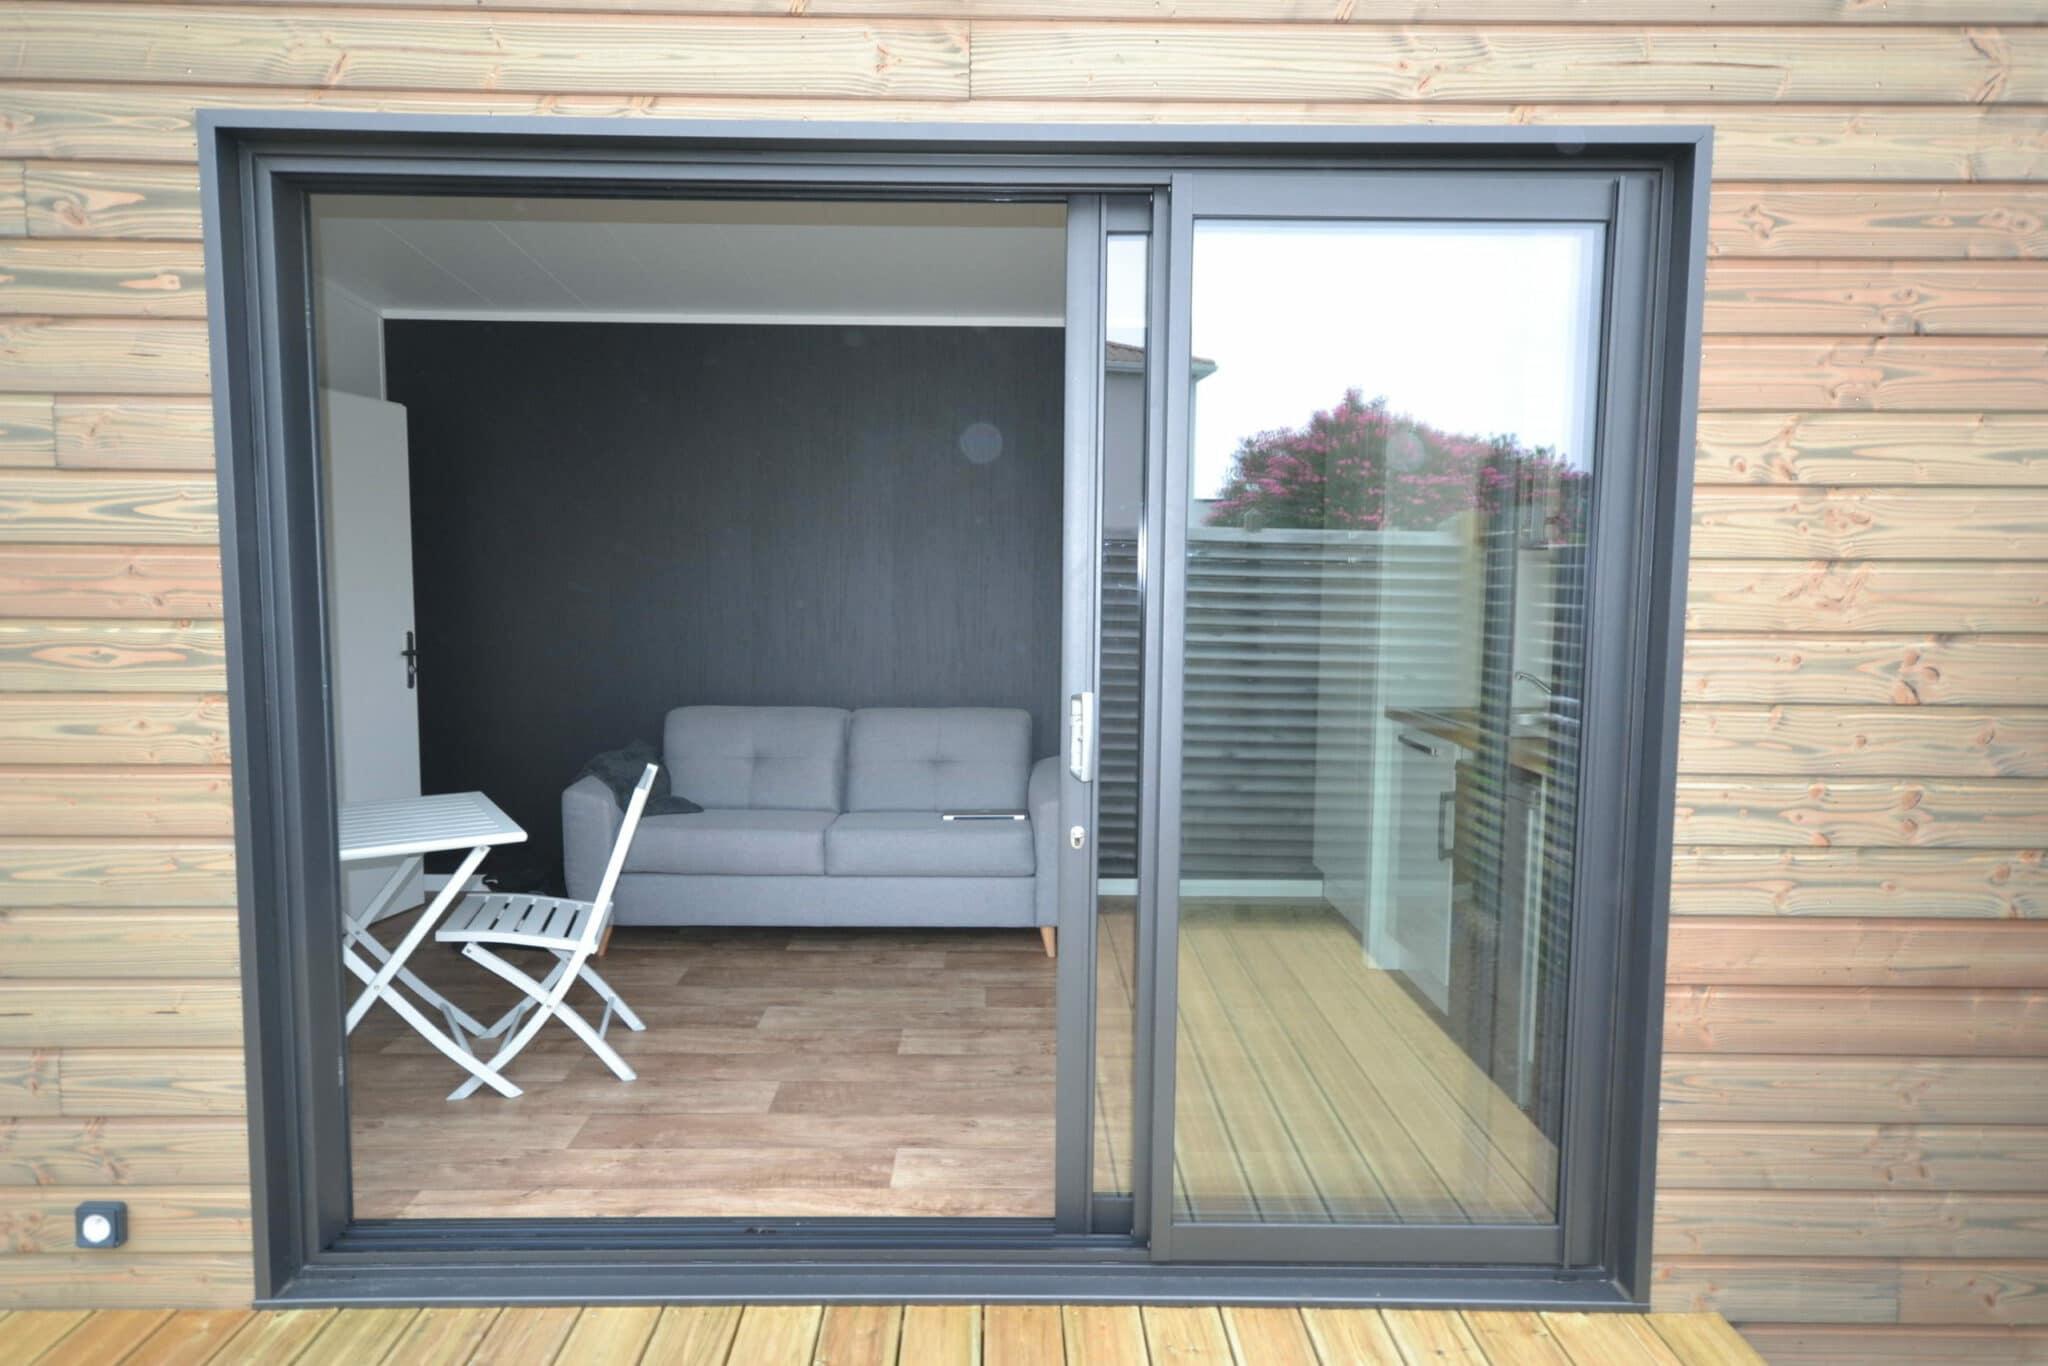 Petite maison bois 50m2 clé en main - Woodyloft